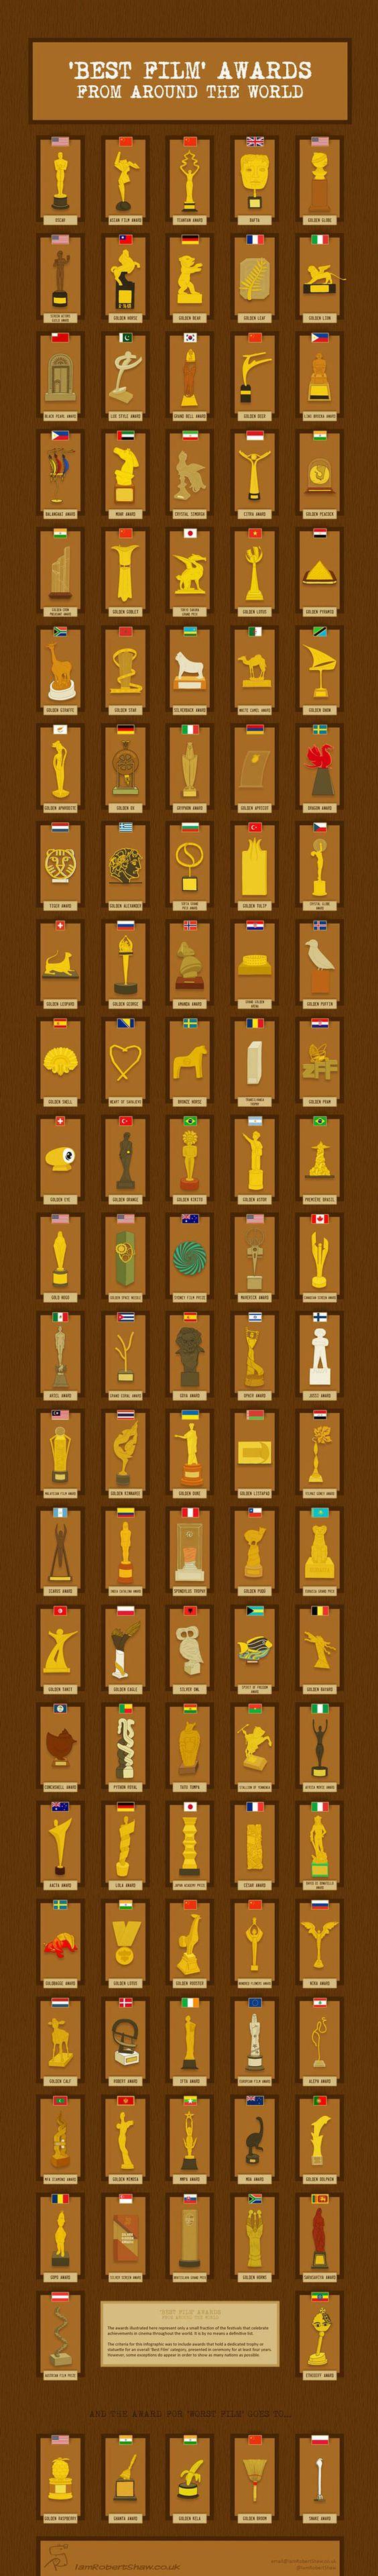 Die wichtigsten Film-Awards der Welt: